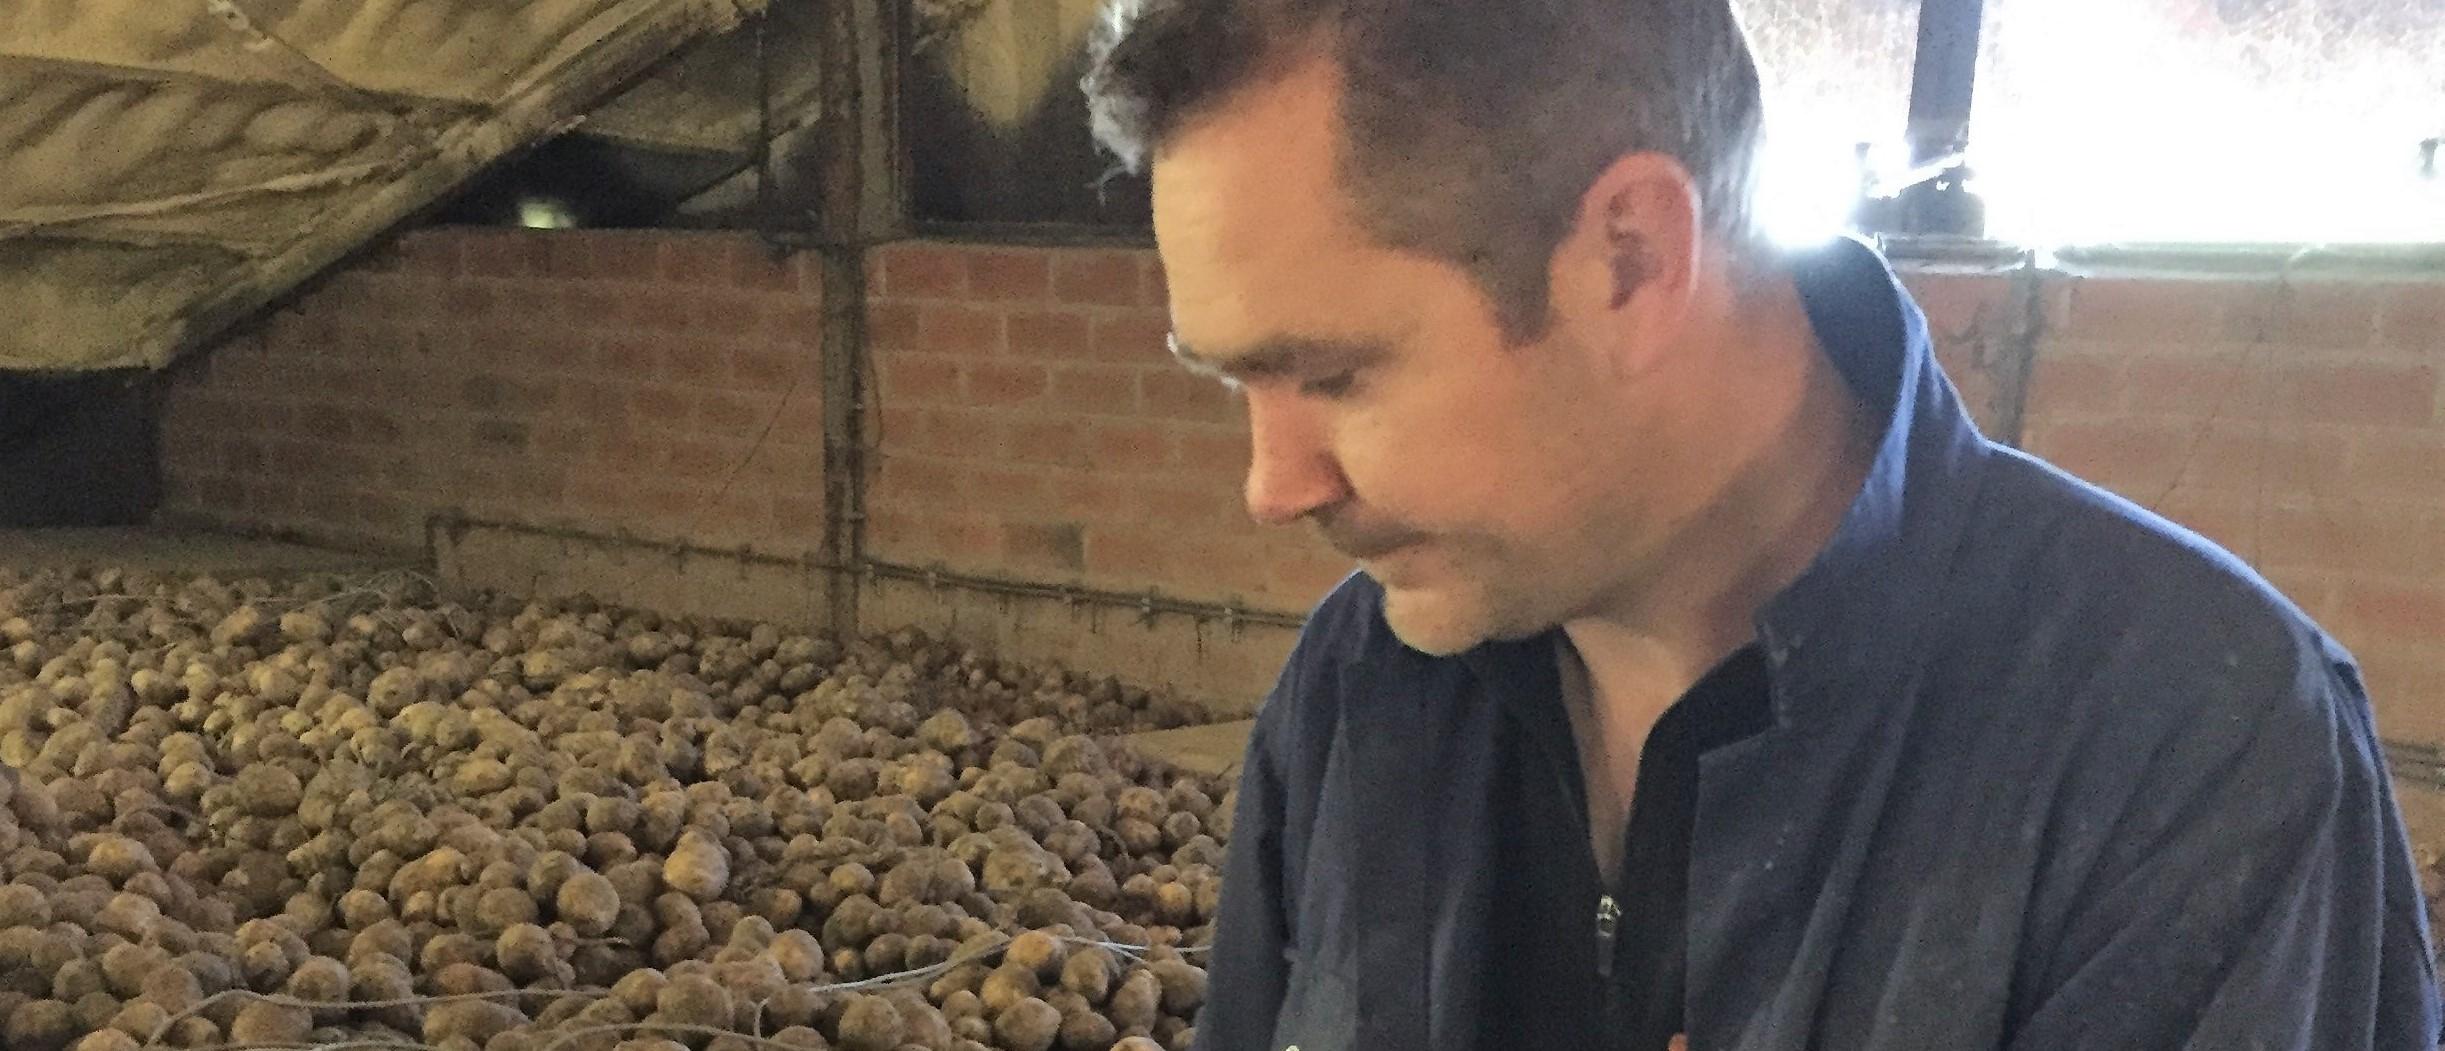 """""""Goed rendement door inzet Royal MH in aardappelen tegen doorwas"""""""